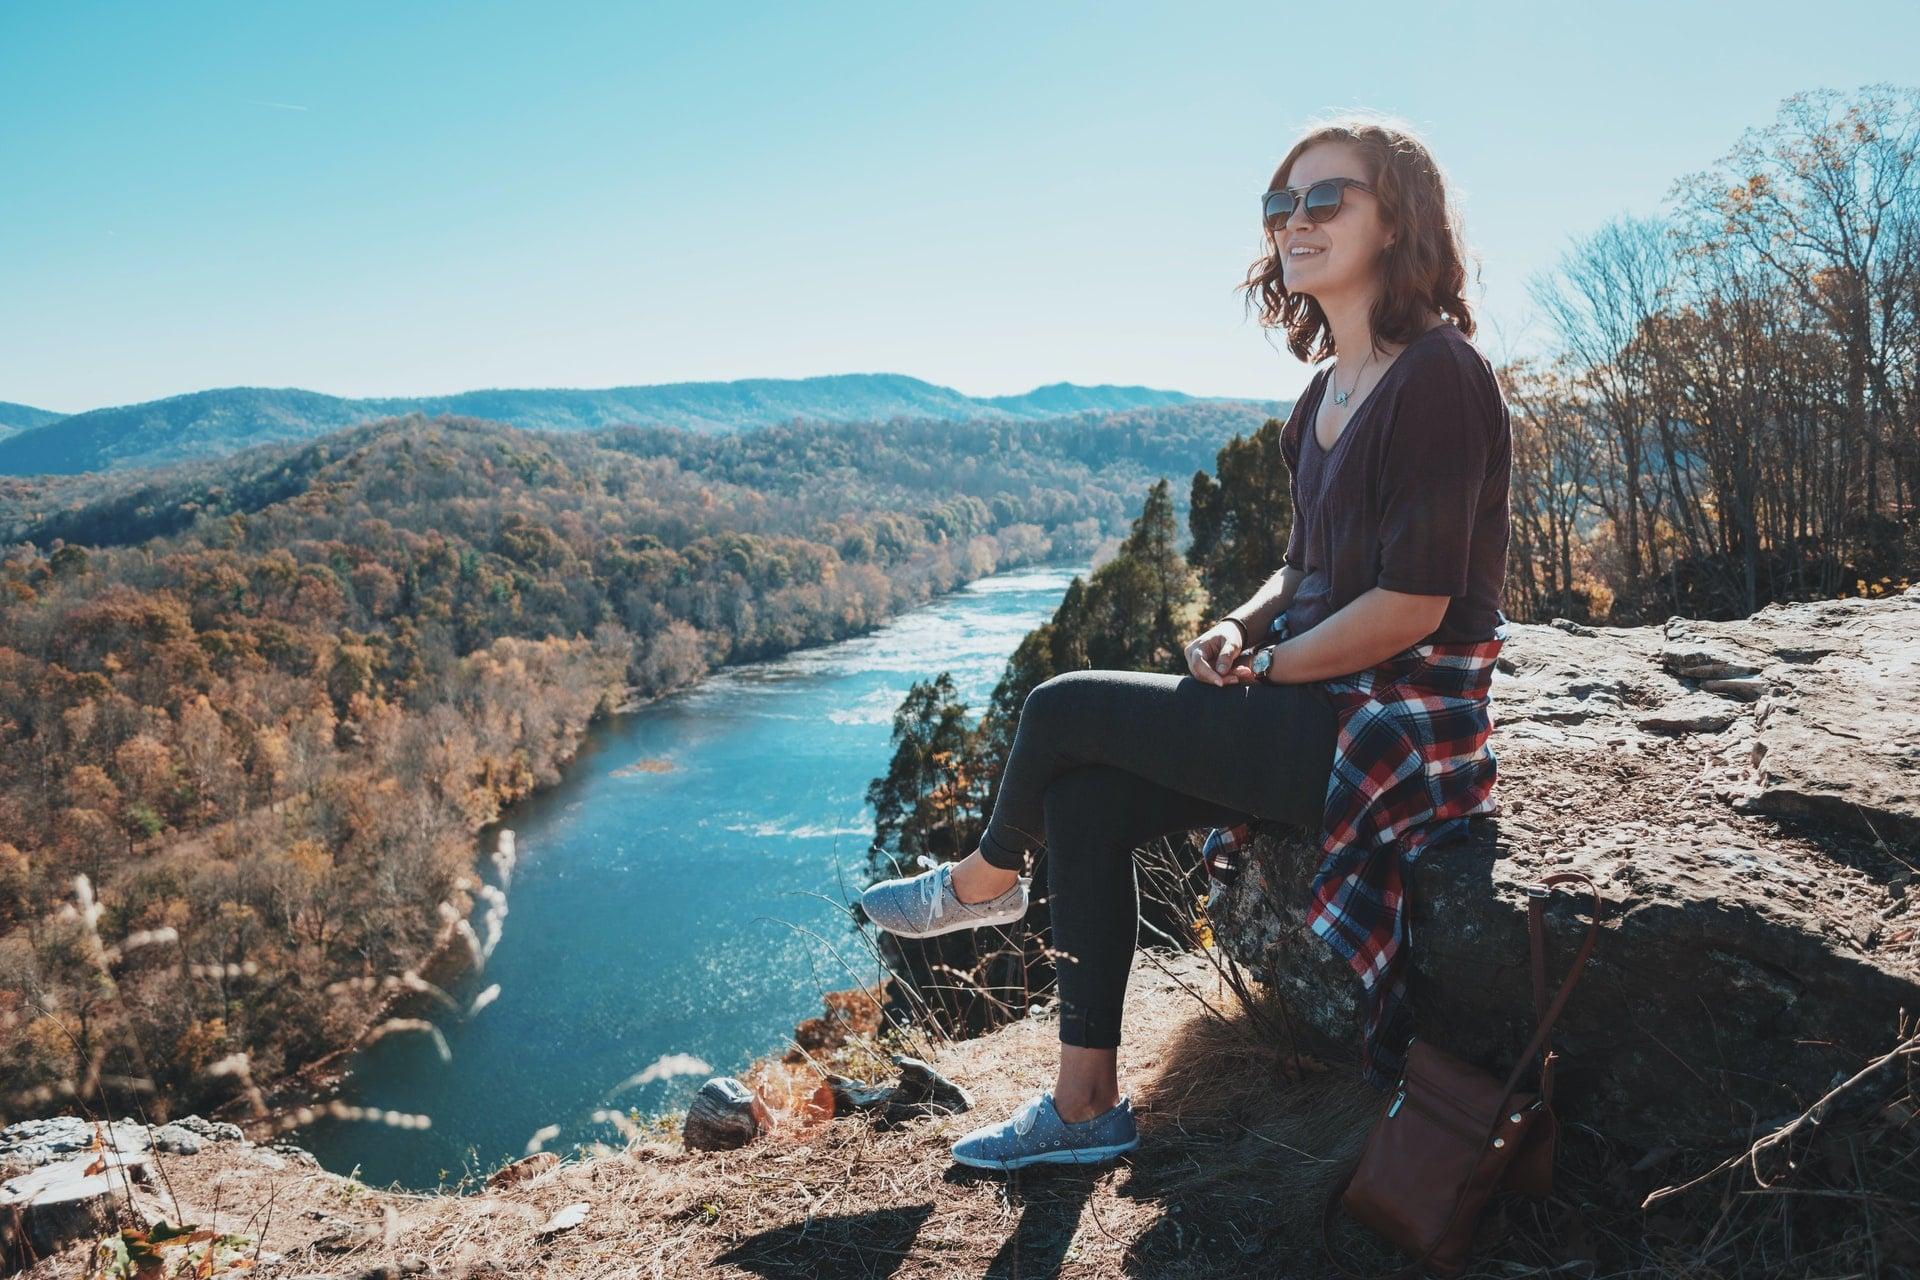 áo dài tay leo núi